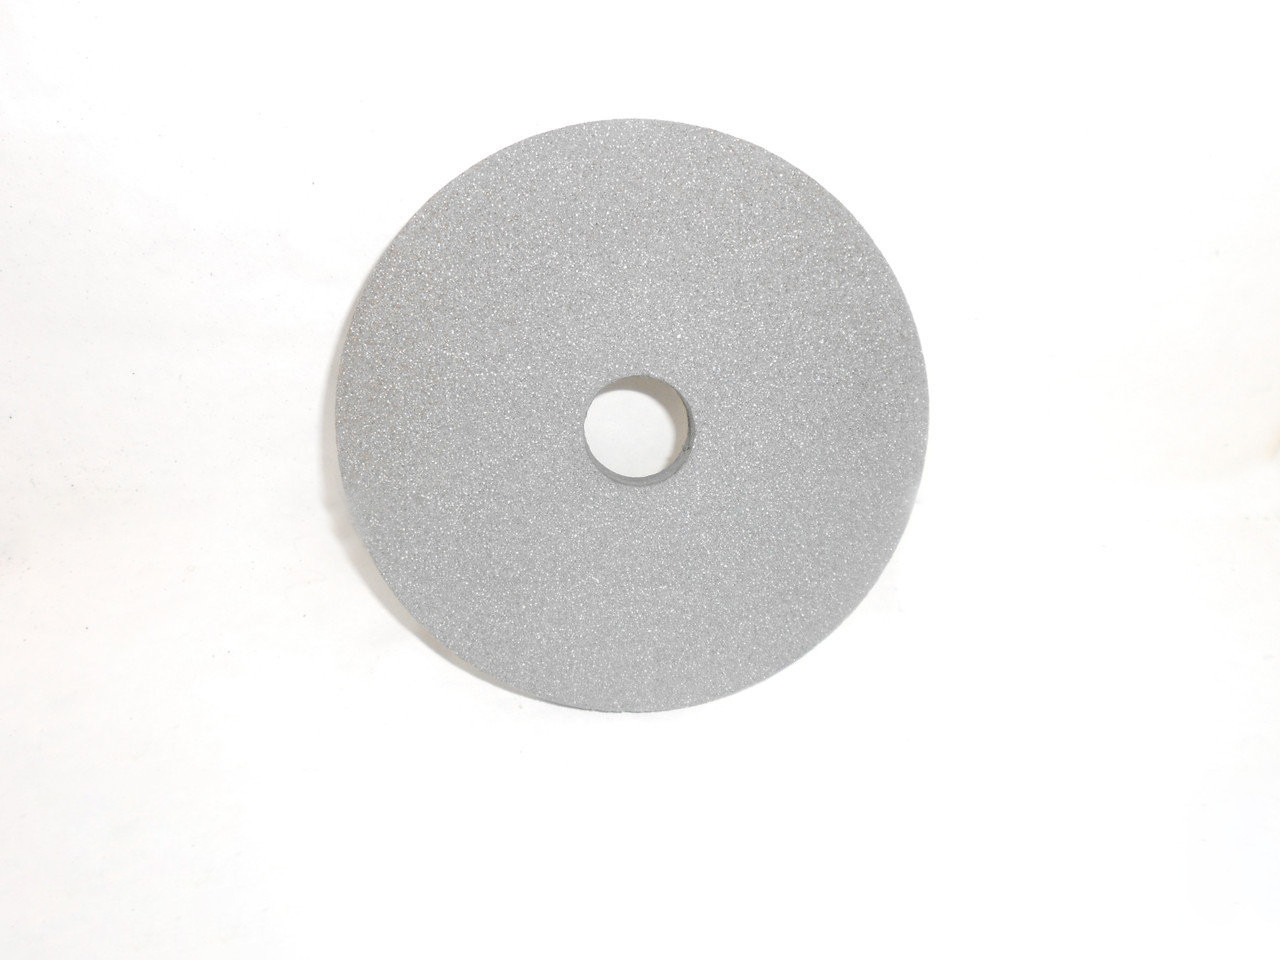 Круг шлифовальный 14А ПП 350х40х127  16-40 СМ-СТ